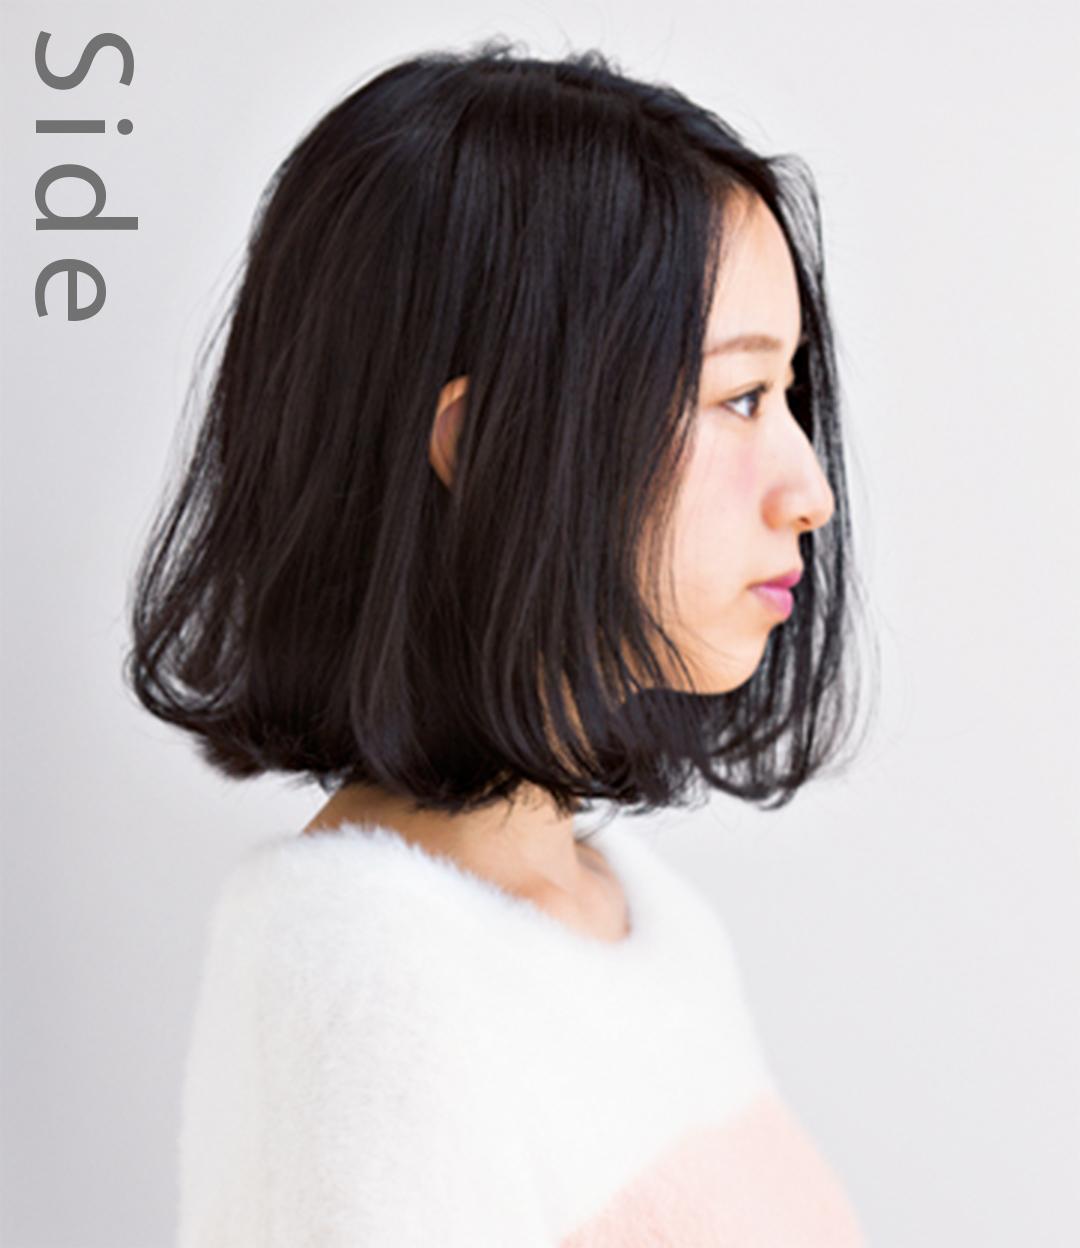 就活中、黒髪でも普段はおしゃれしたい人のために♡ 長さ別黒髪ヘアカタログ_1_6-1